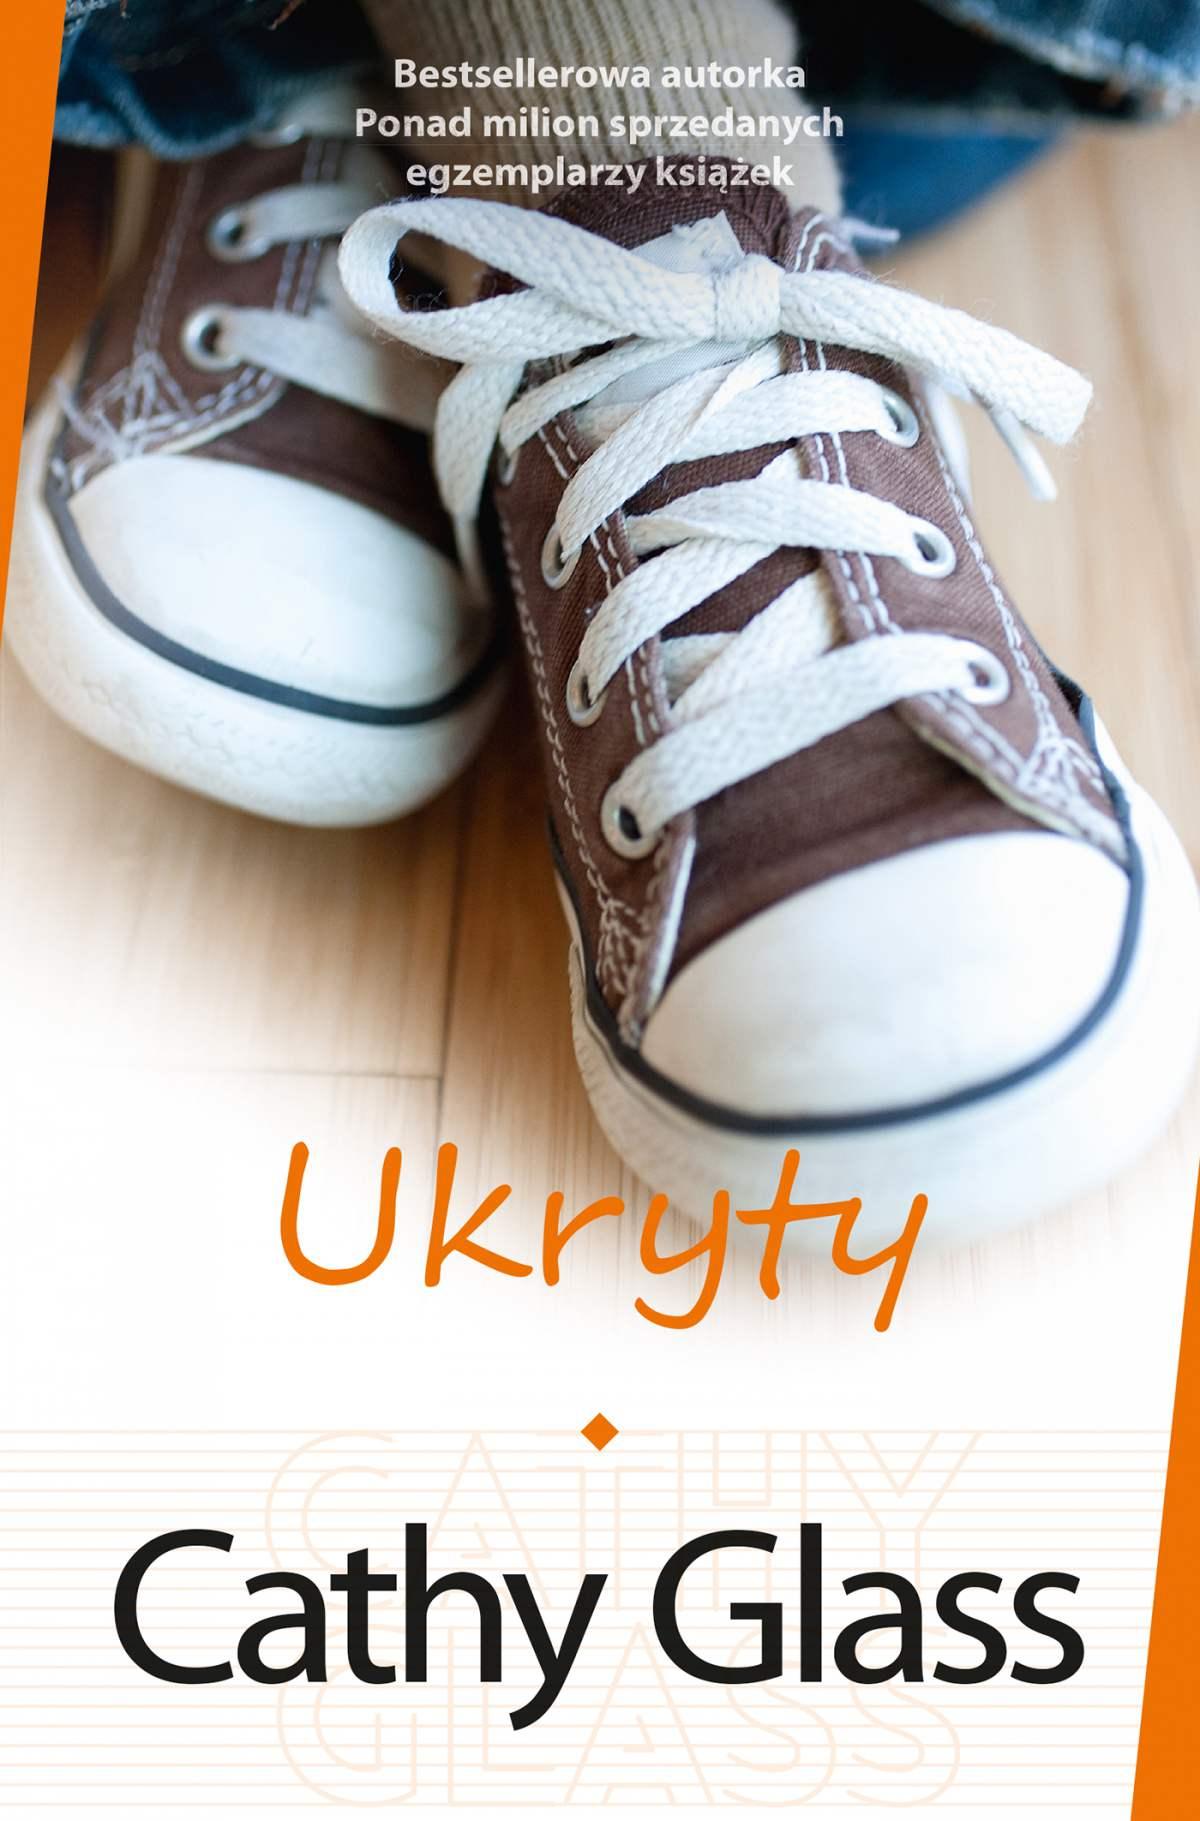 Ukryty - Ebook (Książka EPUB) do pobrania w formacie EPUB